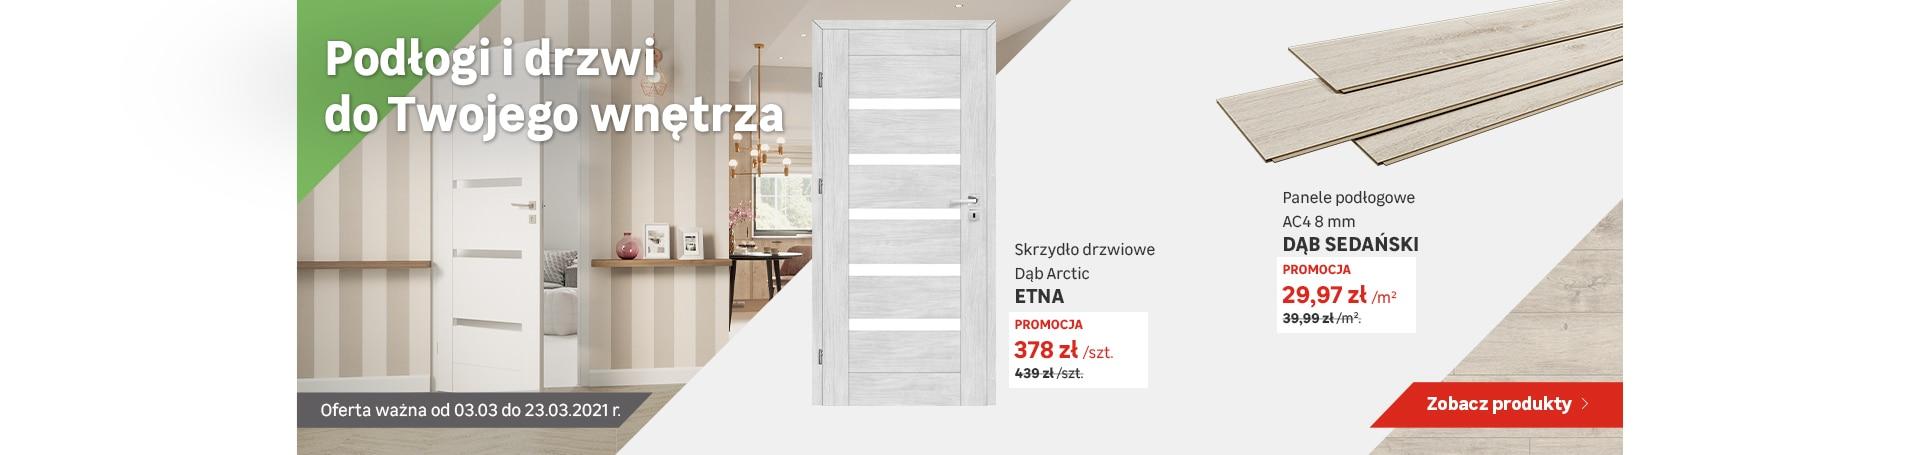 ps-drzwi-podlogi-03-23.03.2021-1920x455